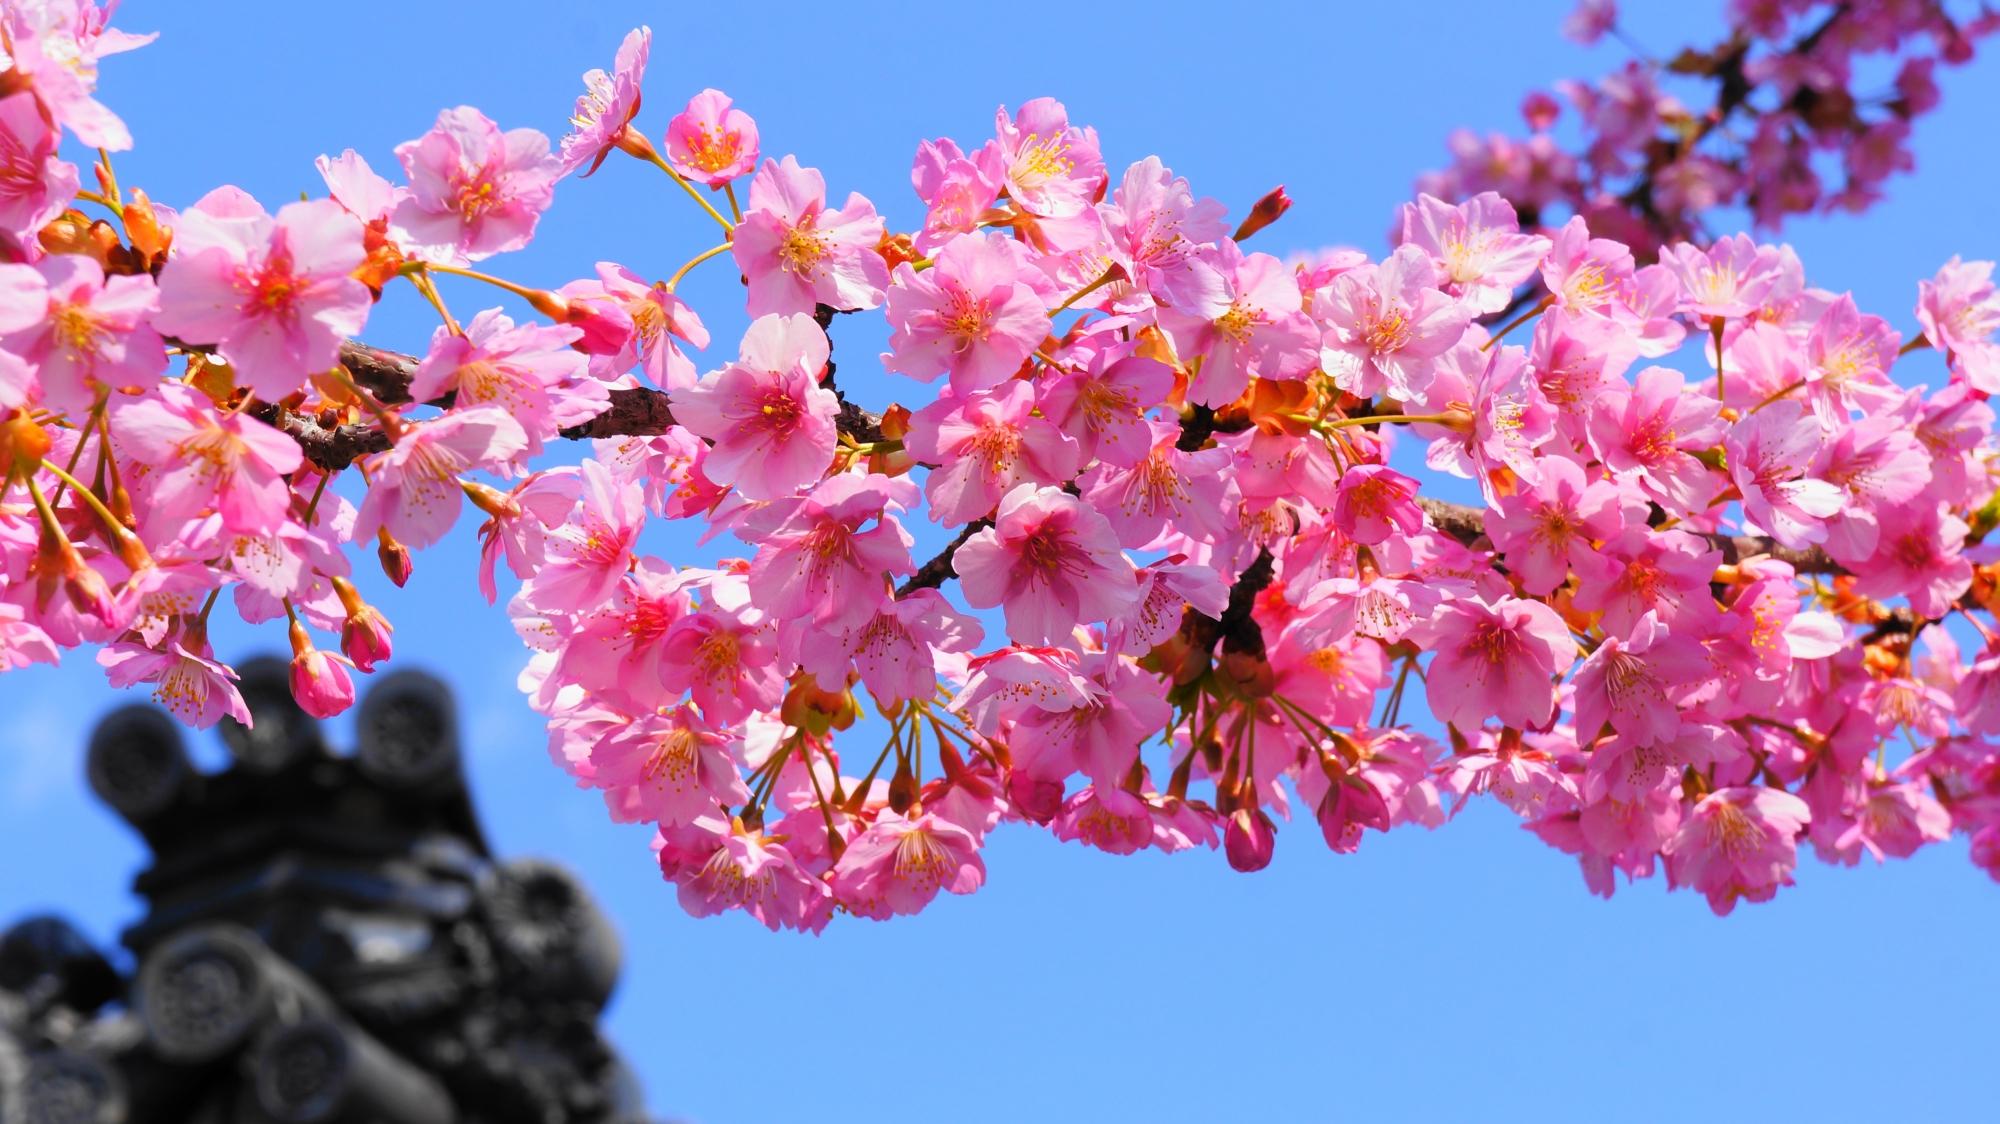 煌びやかに咲き誇る河津桜につつまれた春の蓮光寺